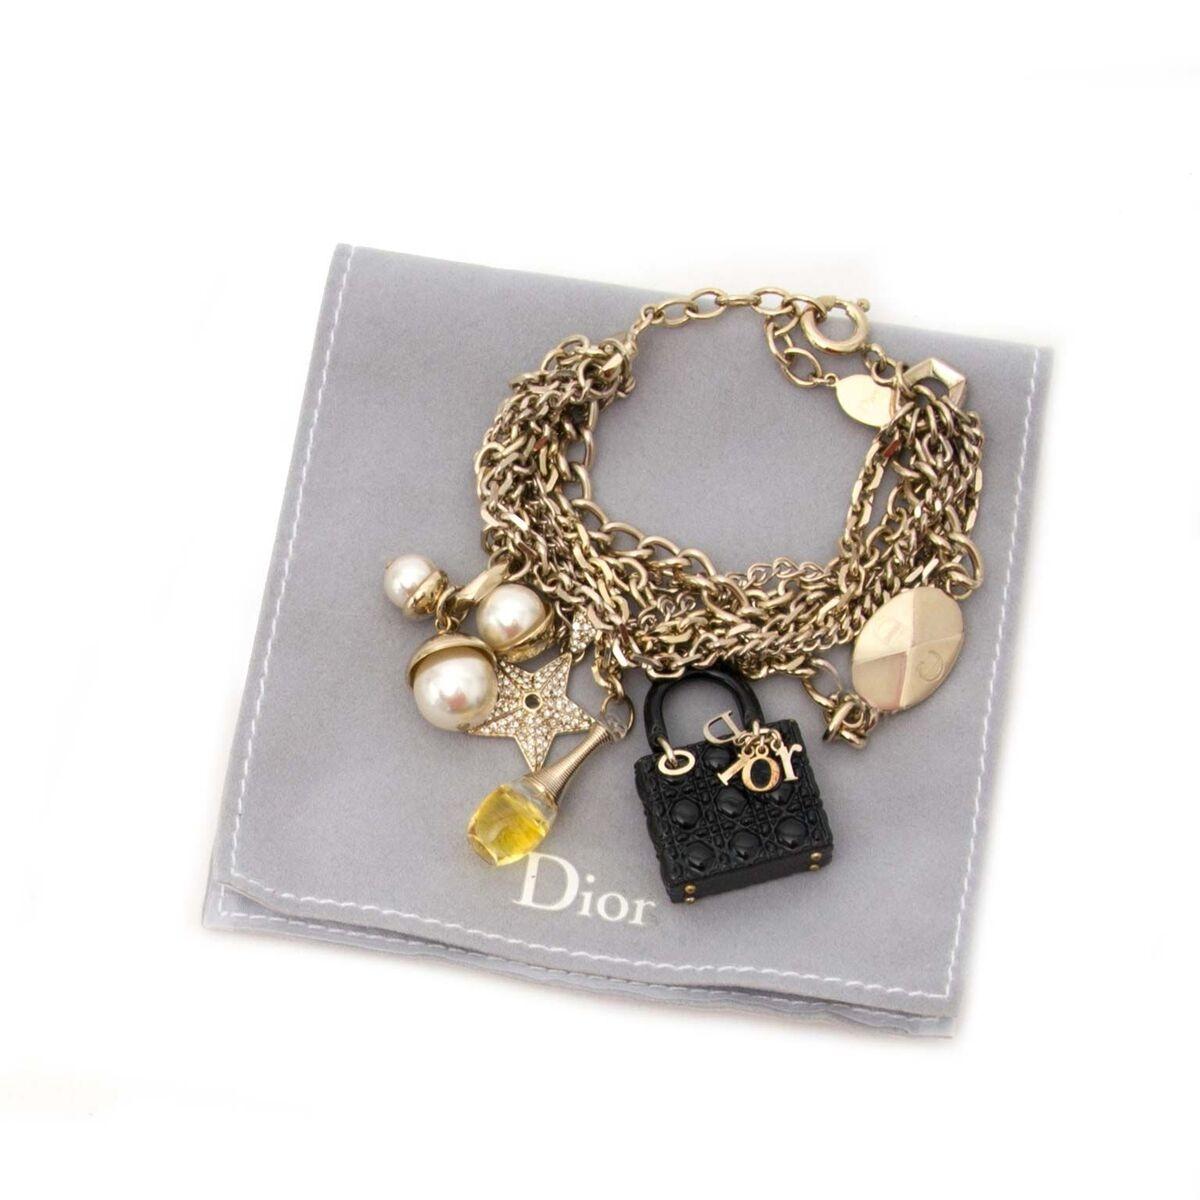 Koop authentieke tweedehands Dior armband  aan een eerlijke prijs bij LabelLOV. Veilig online shoppen.